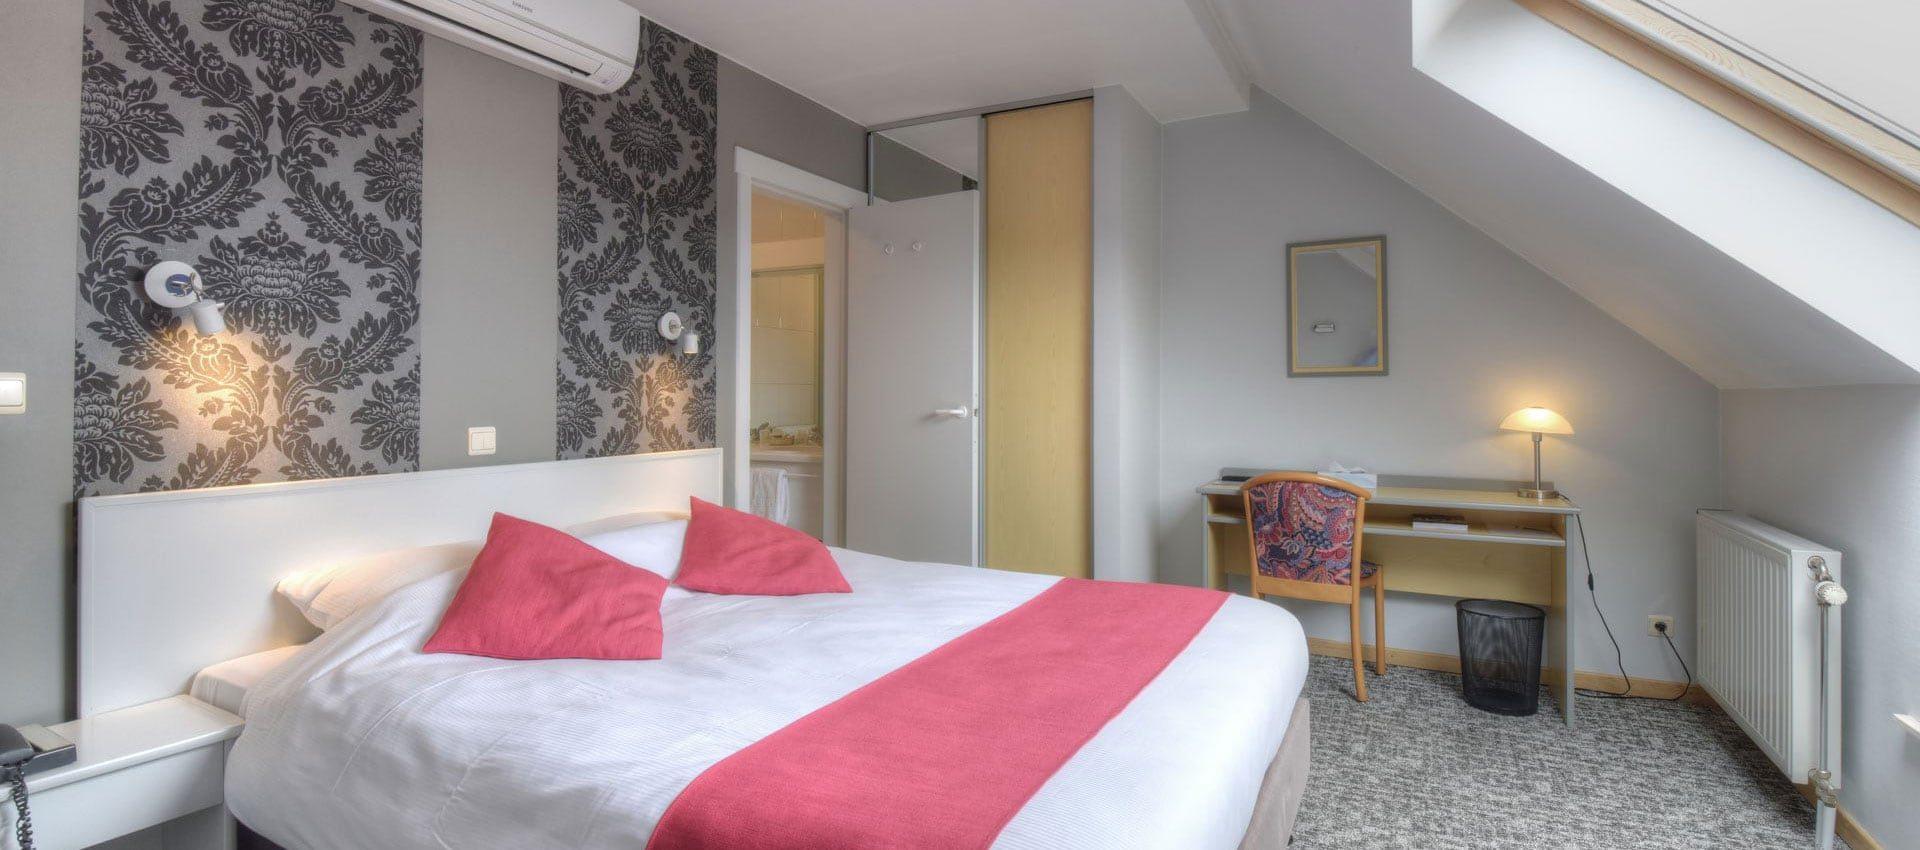 Rooms - Limburgia